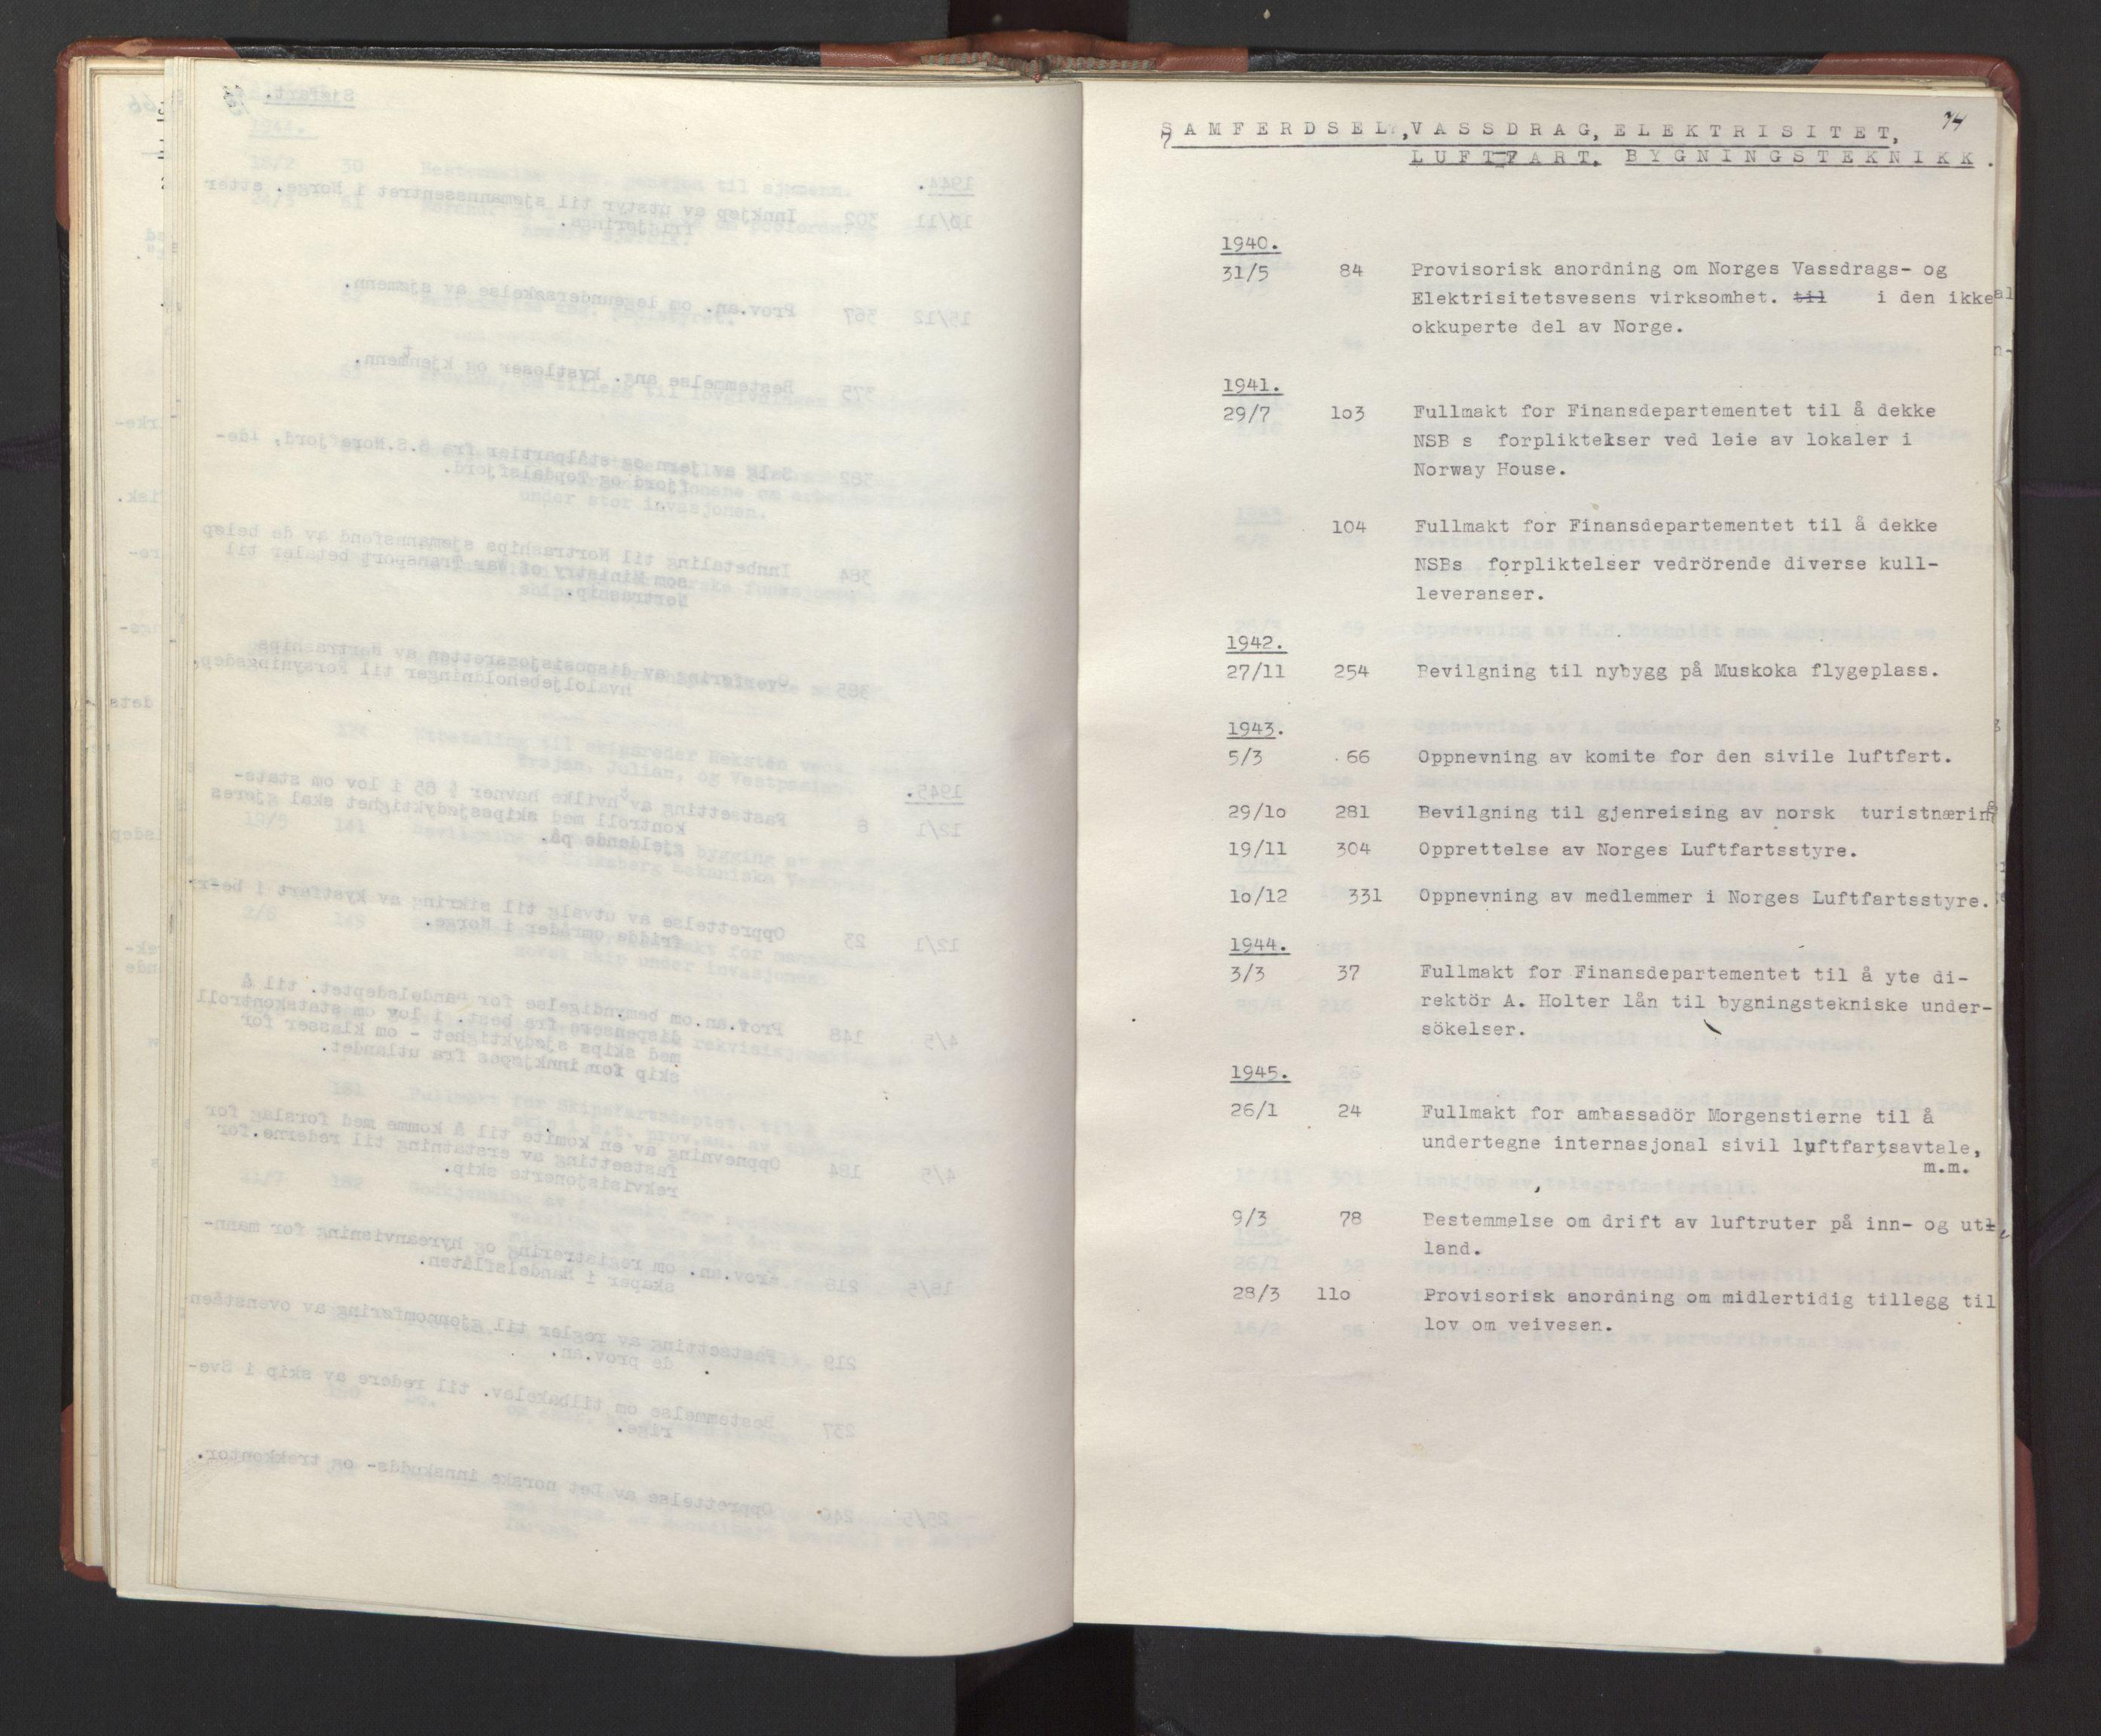 RA, Statsrådssekretariatet, A/Ac/L0127: Register 9/4-25/5, 1940-1945, s. 74